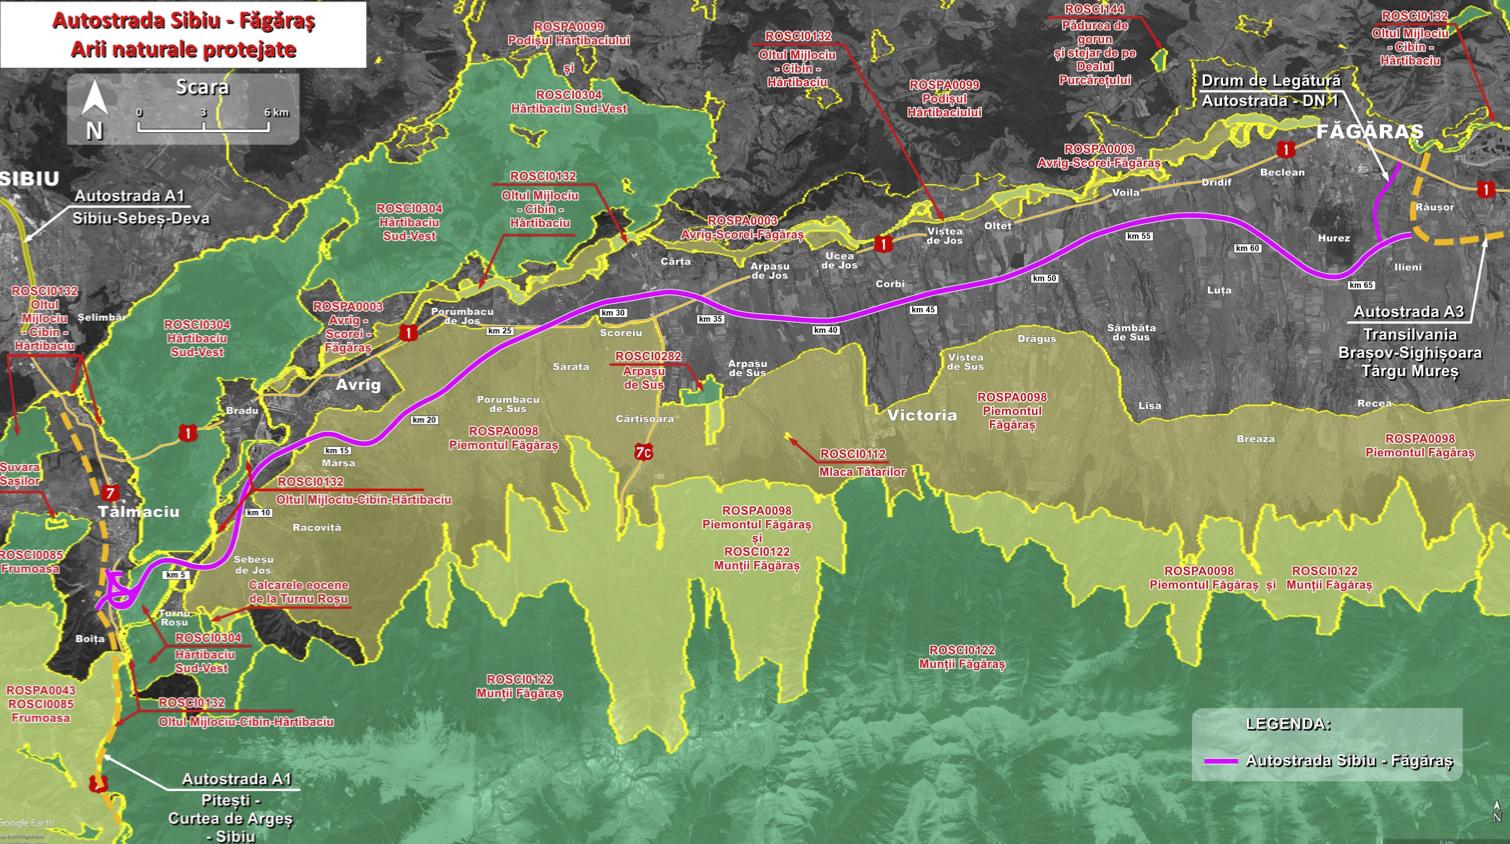 Ministrul Drulă: Autostrada Sibiu - Făgăraș va fi scoasă la licitație pentru proiectare și execuție până la sfârșitul lui septembrie